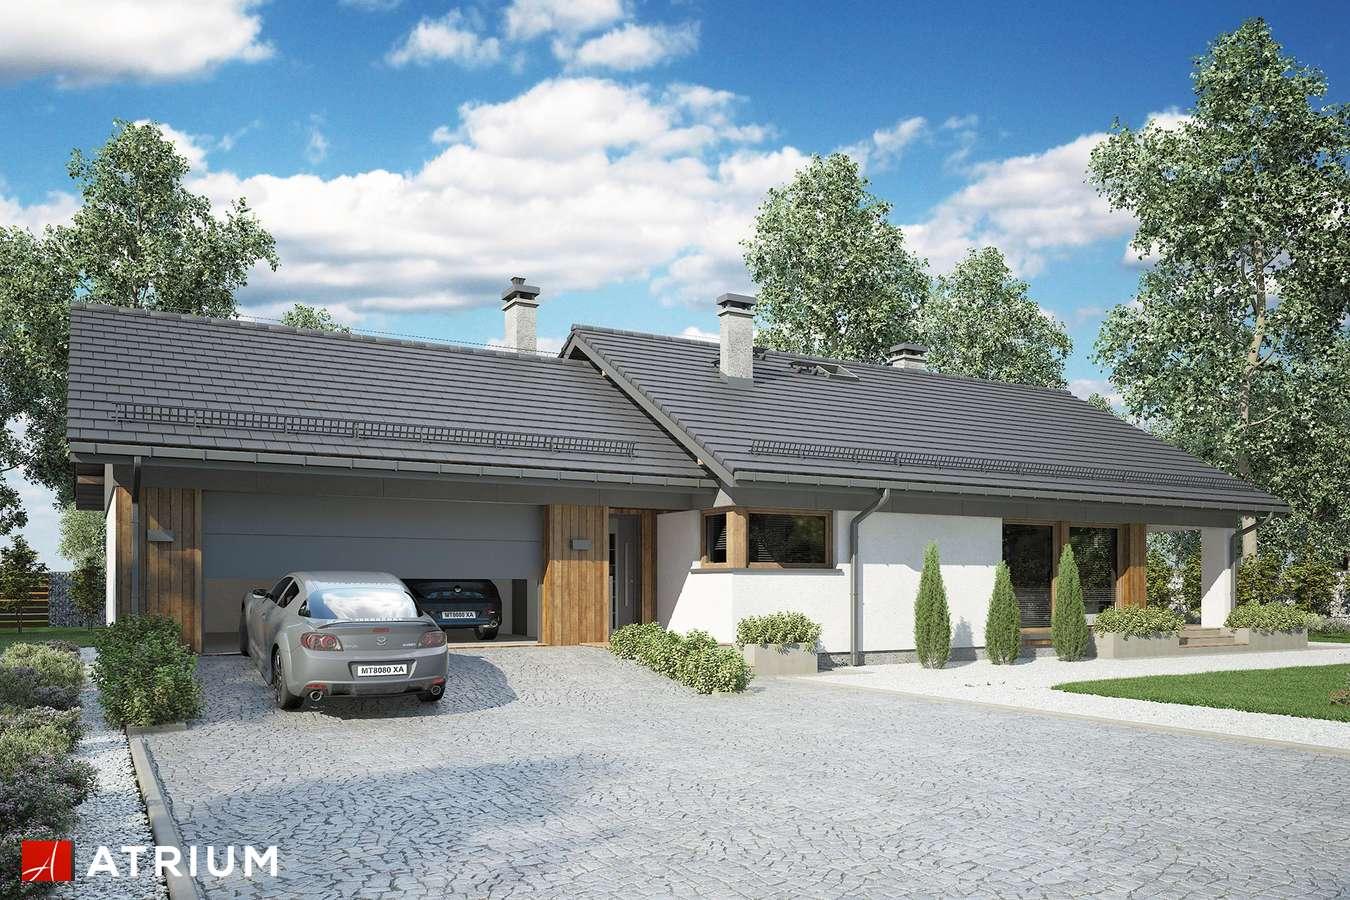 Projekty domów - Projekt domu parterowego KOS MINI II SZ - wizualizacja 1 - wersja lustrzana